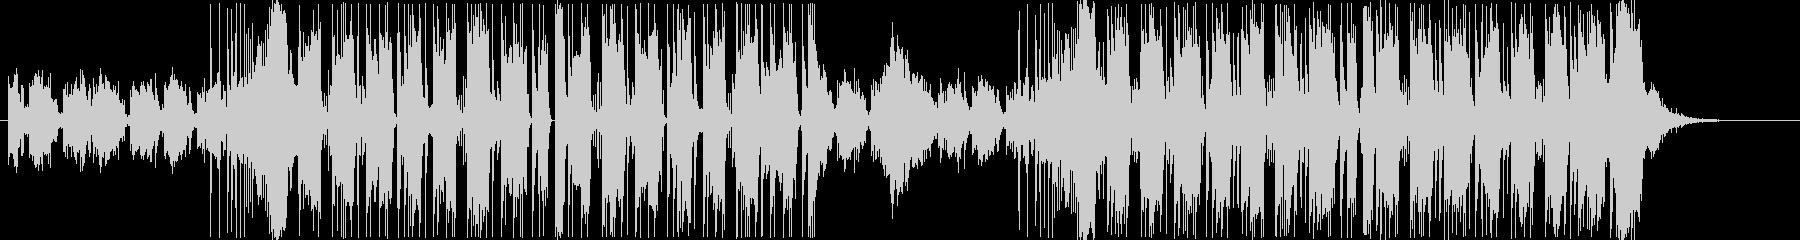 近未来的なシンセサウンドの未再生の波形